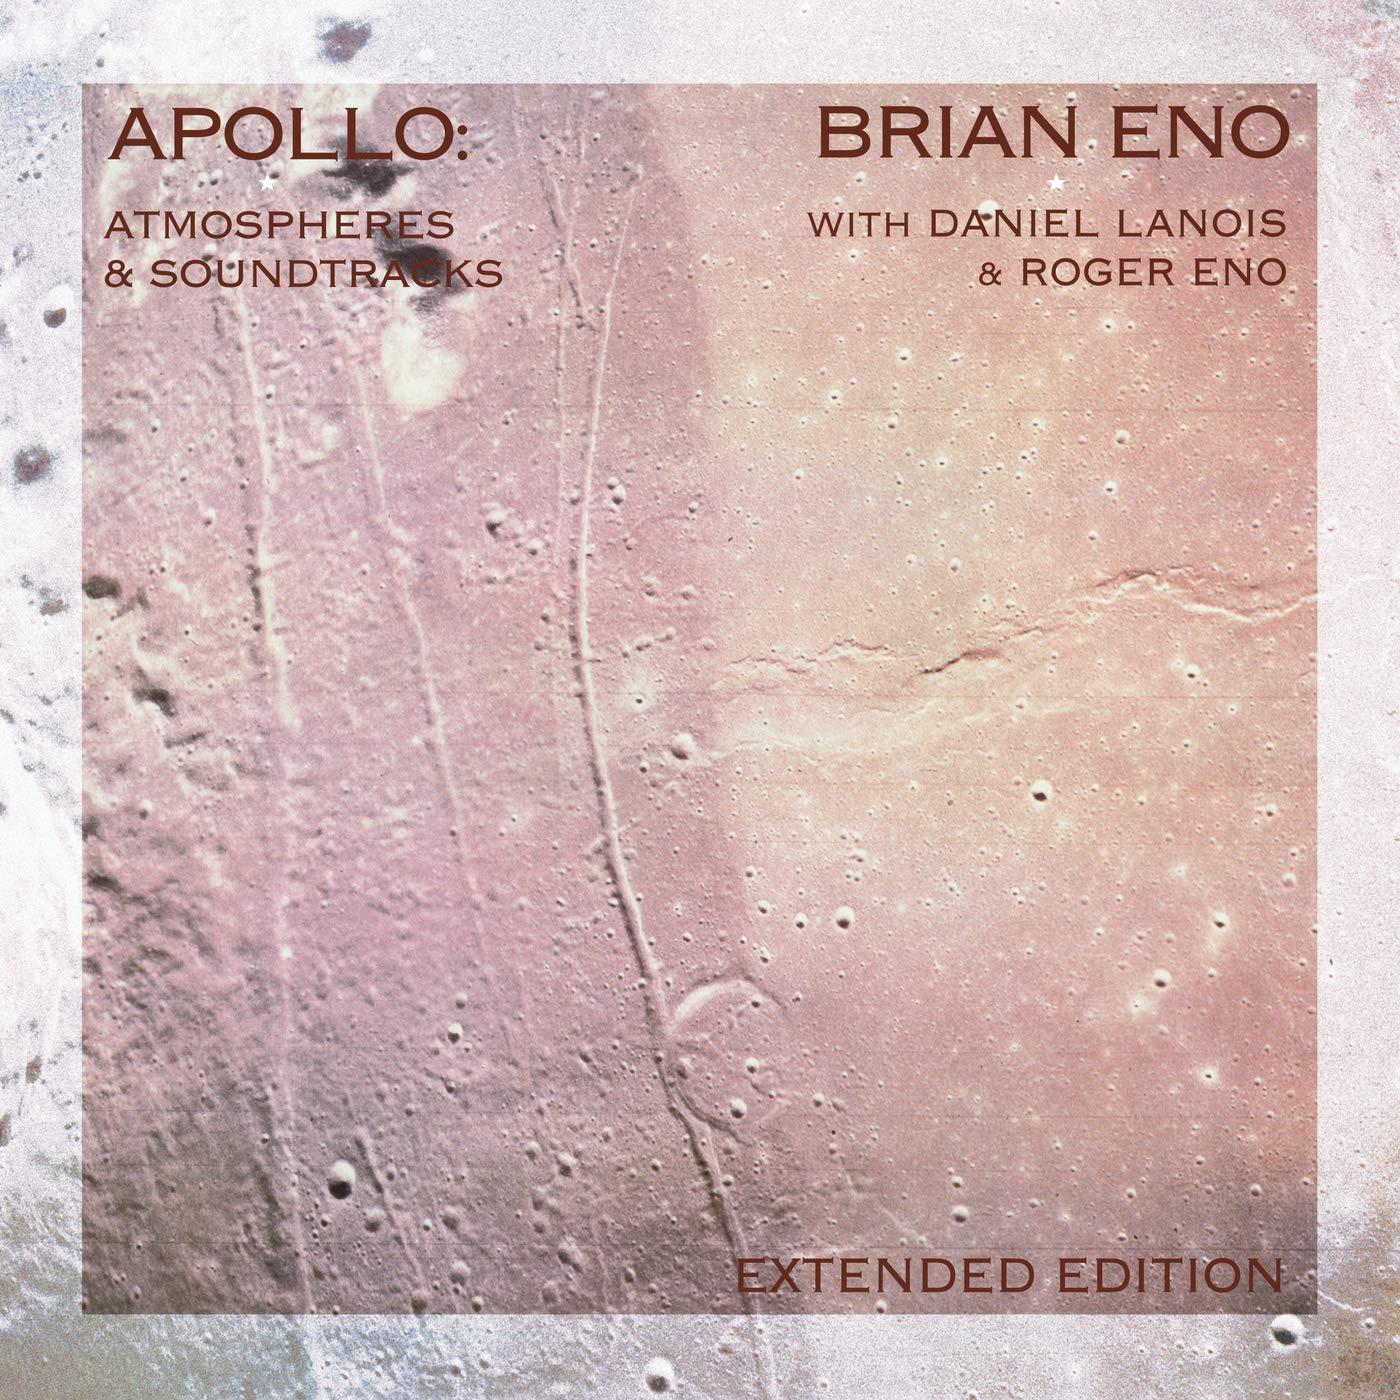 Apollo: Atmospheres & Soundtracks Extended Edition [Vinilo]